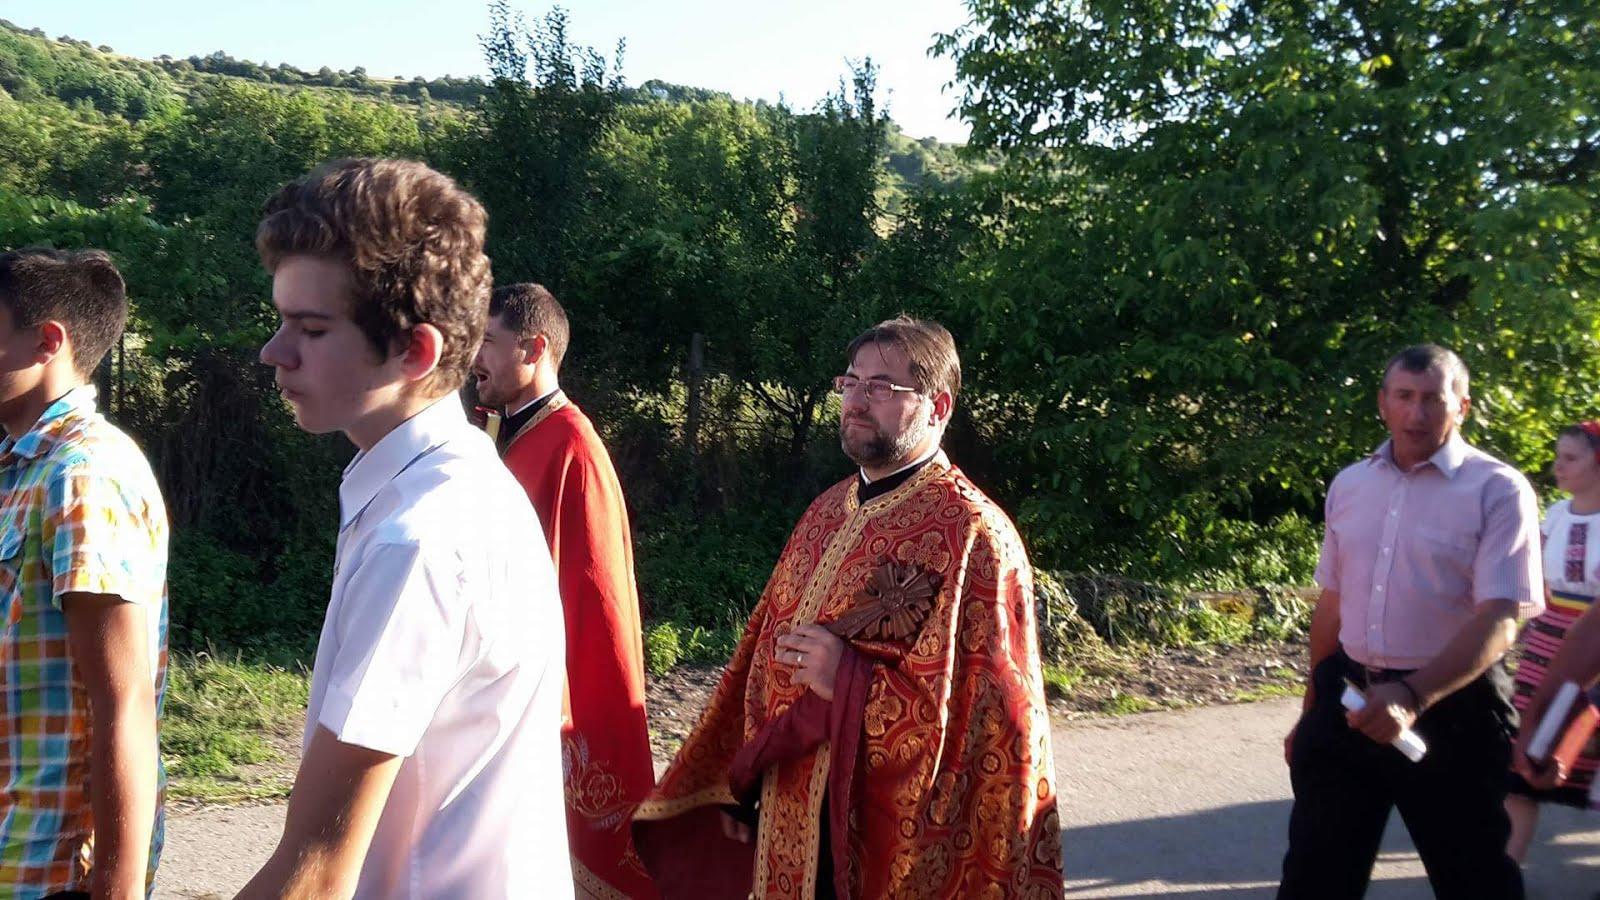 Procesiunea ,,Credinta pe care o marturisim,, - Mariselu 10 iulie 2016